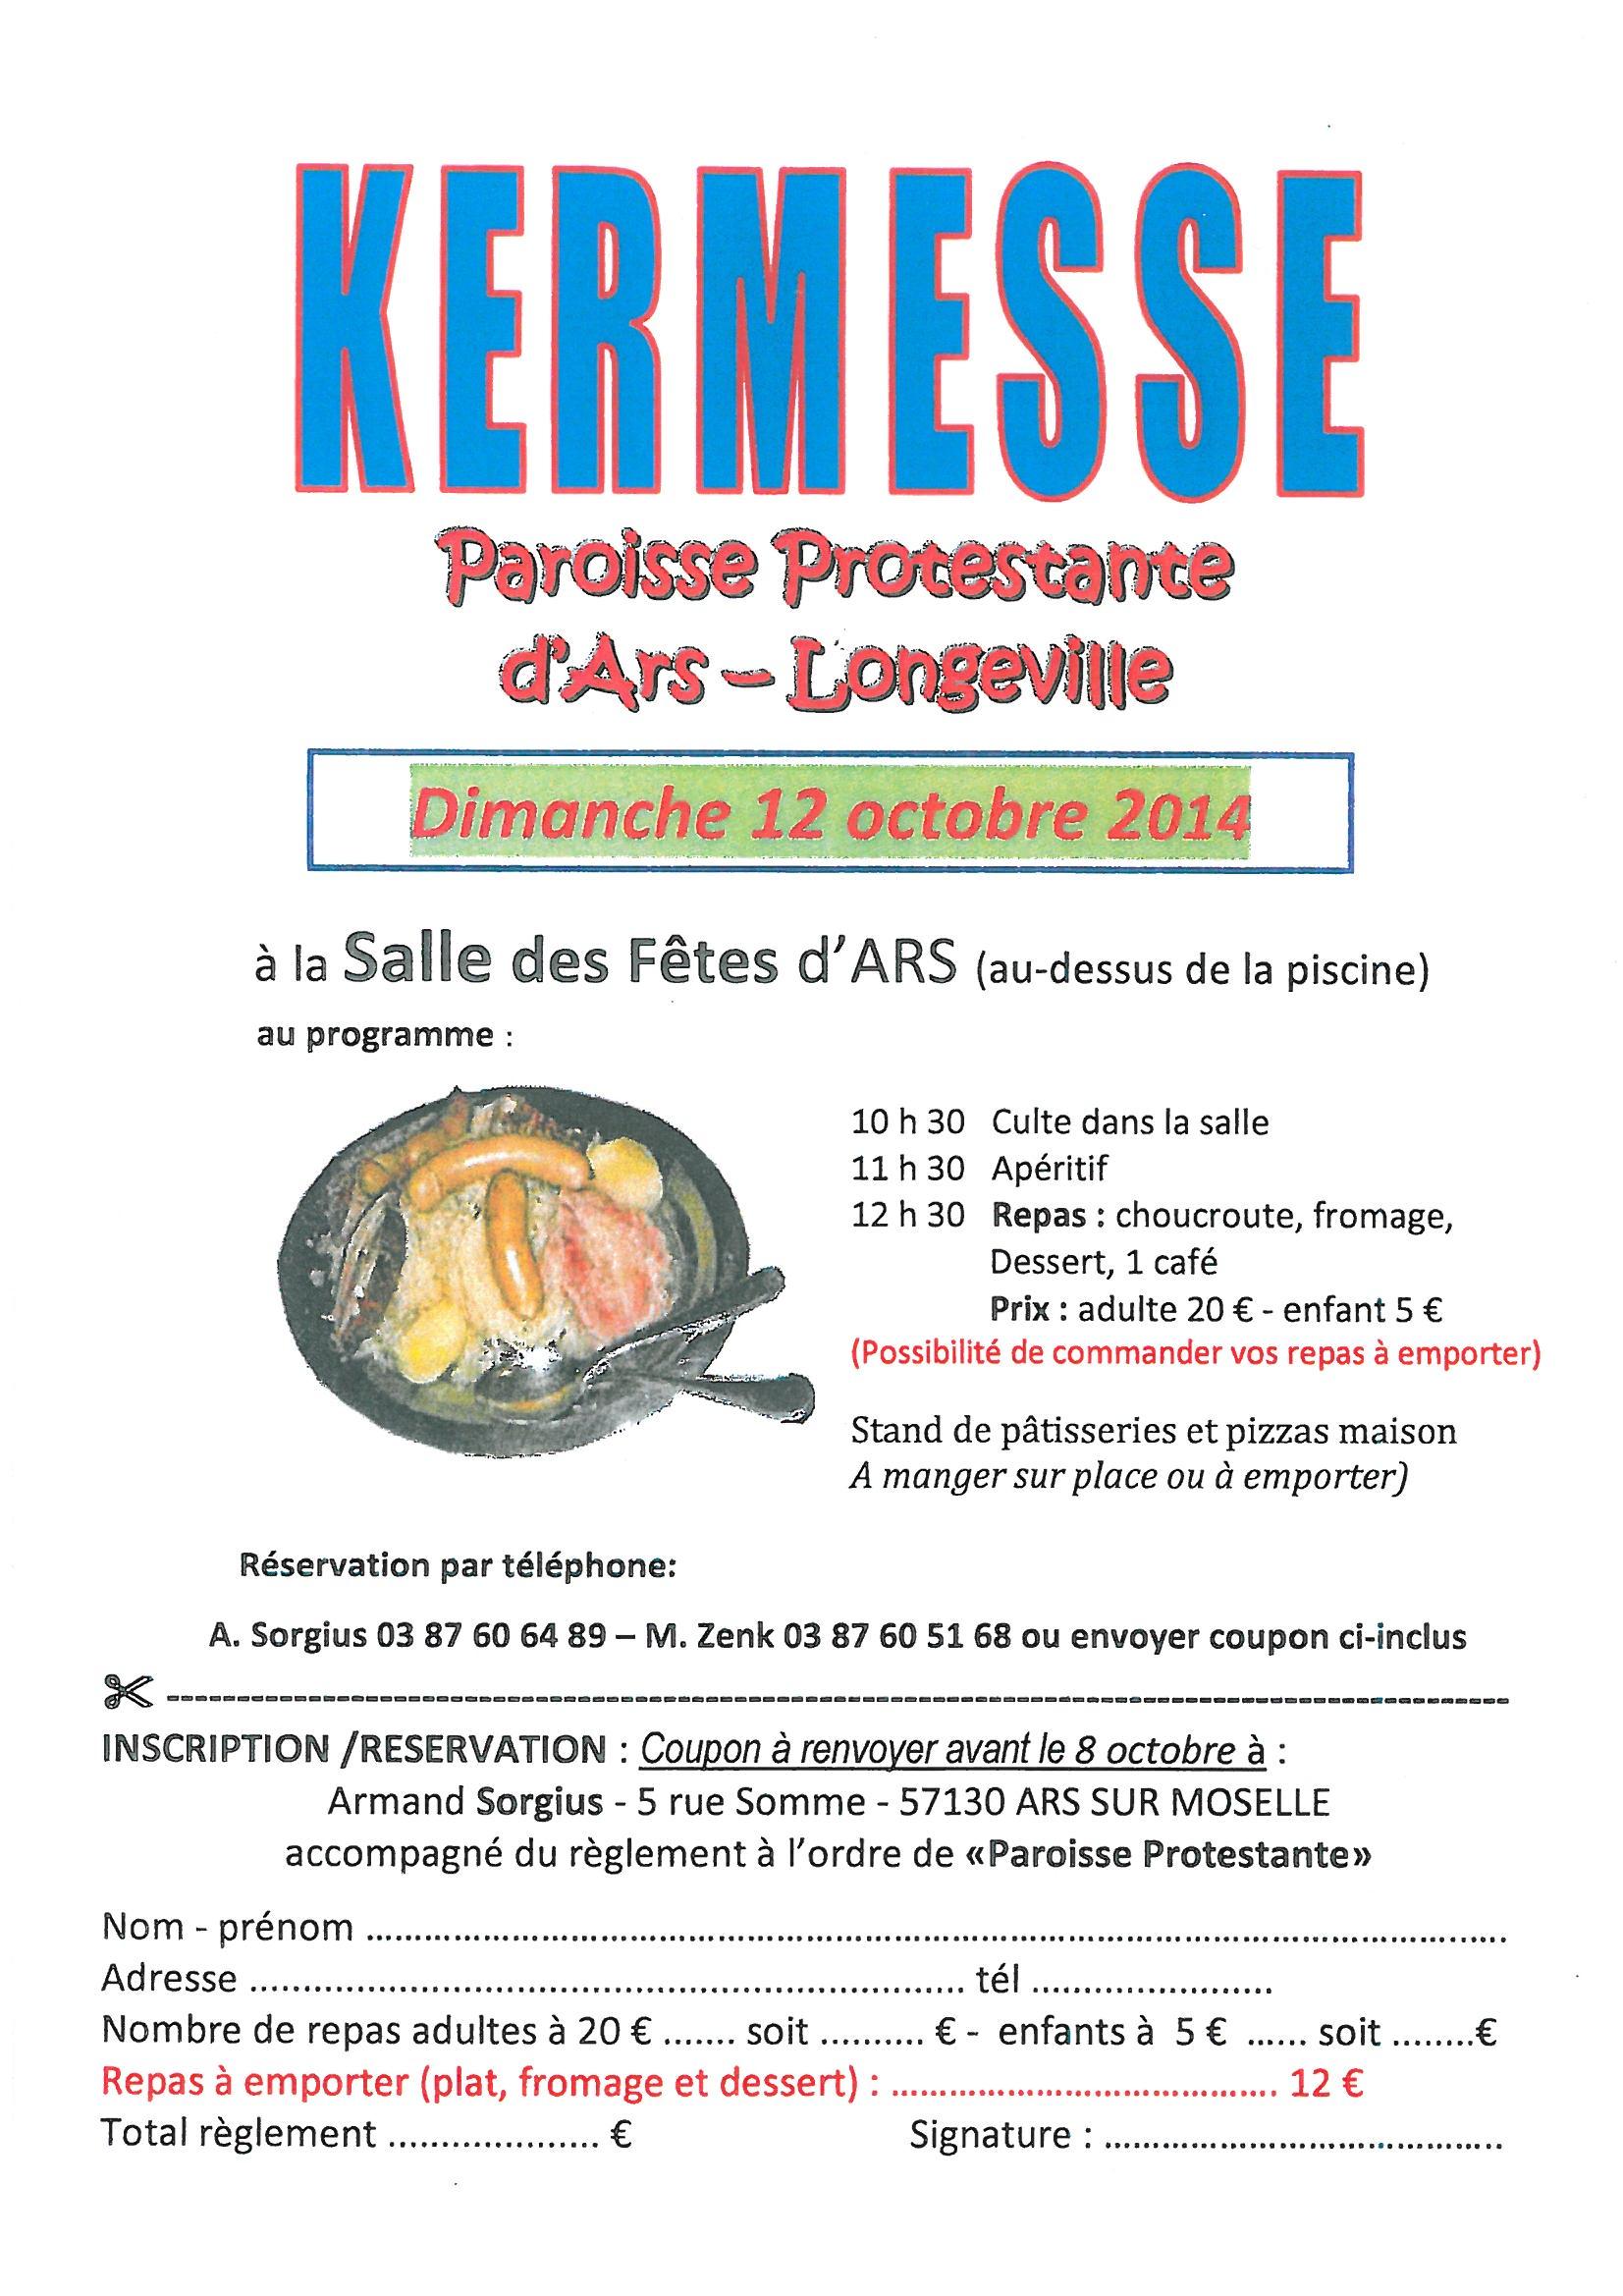 KERMESSE PAROISSE PROTESTANTE dimanche 12 octobre